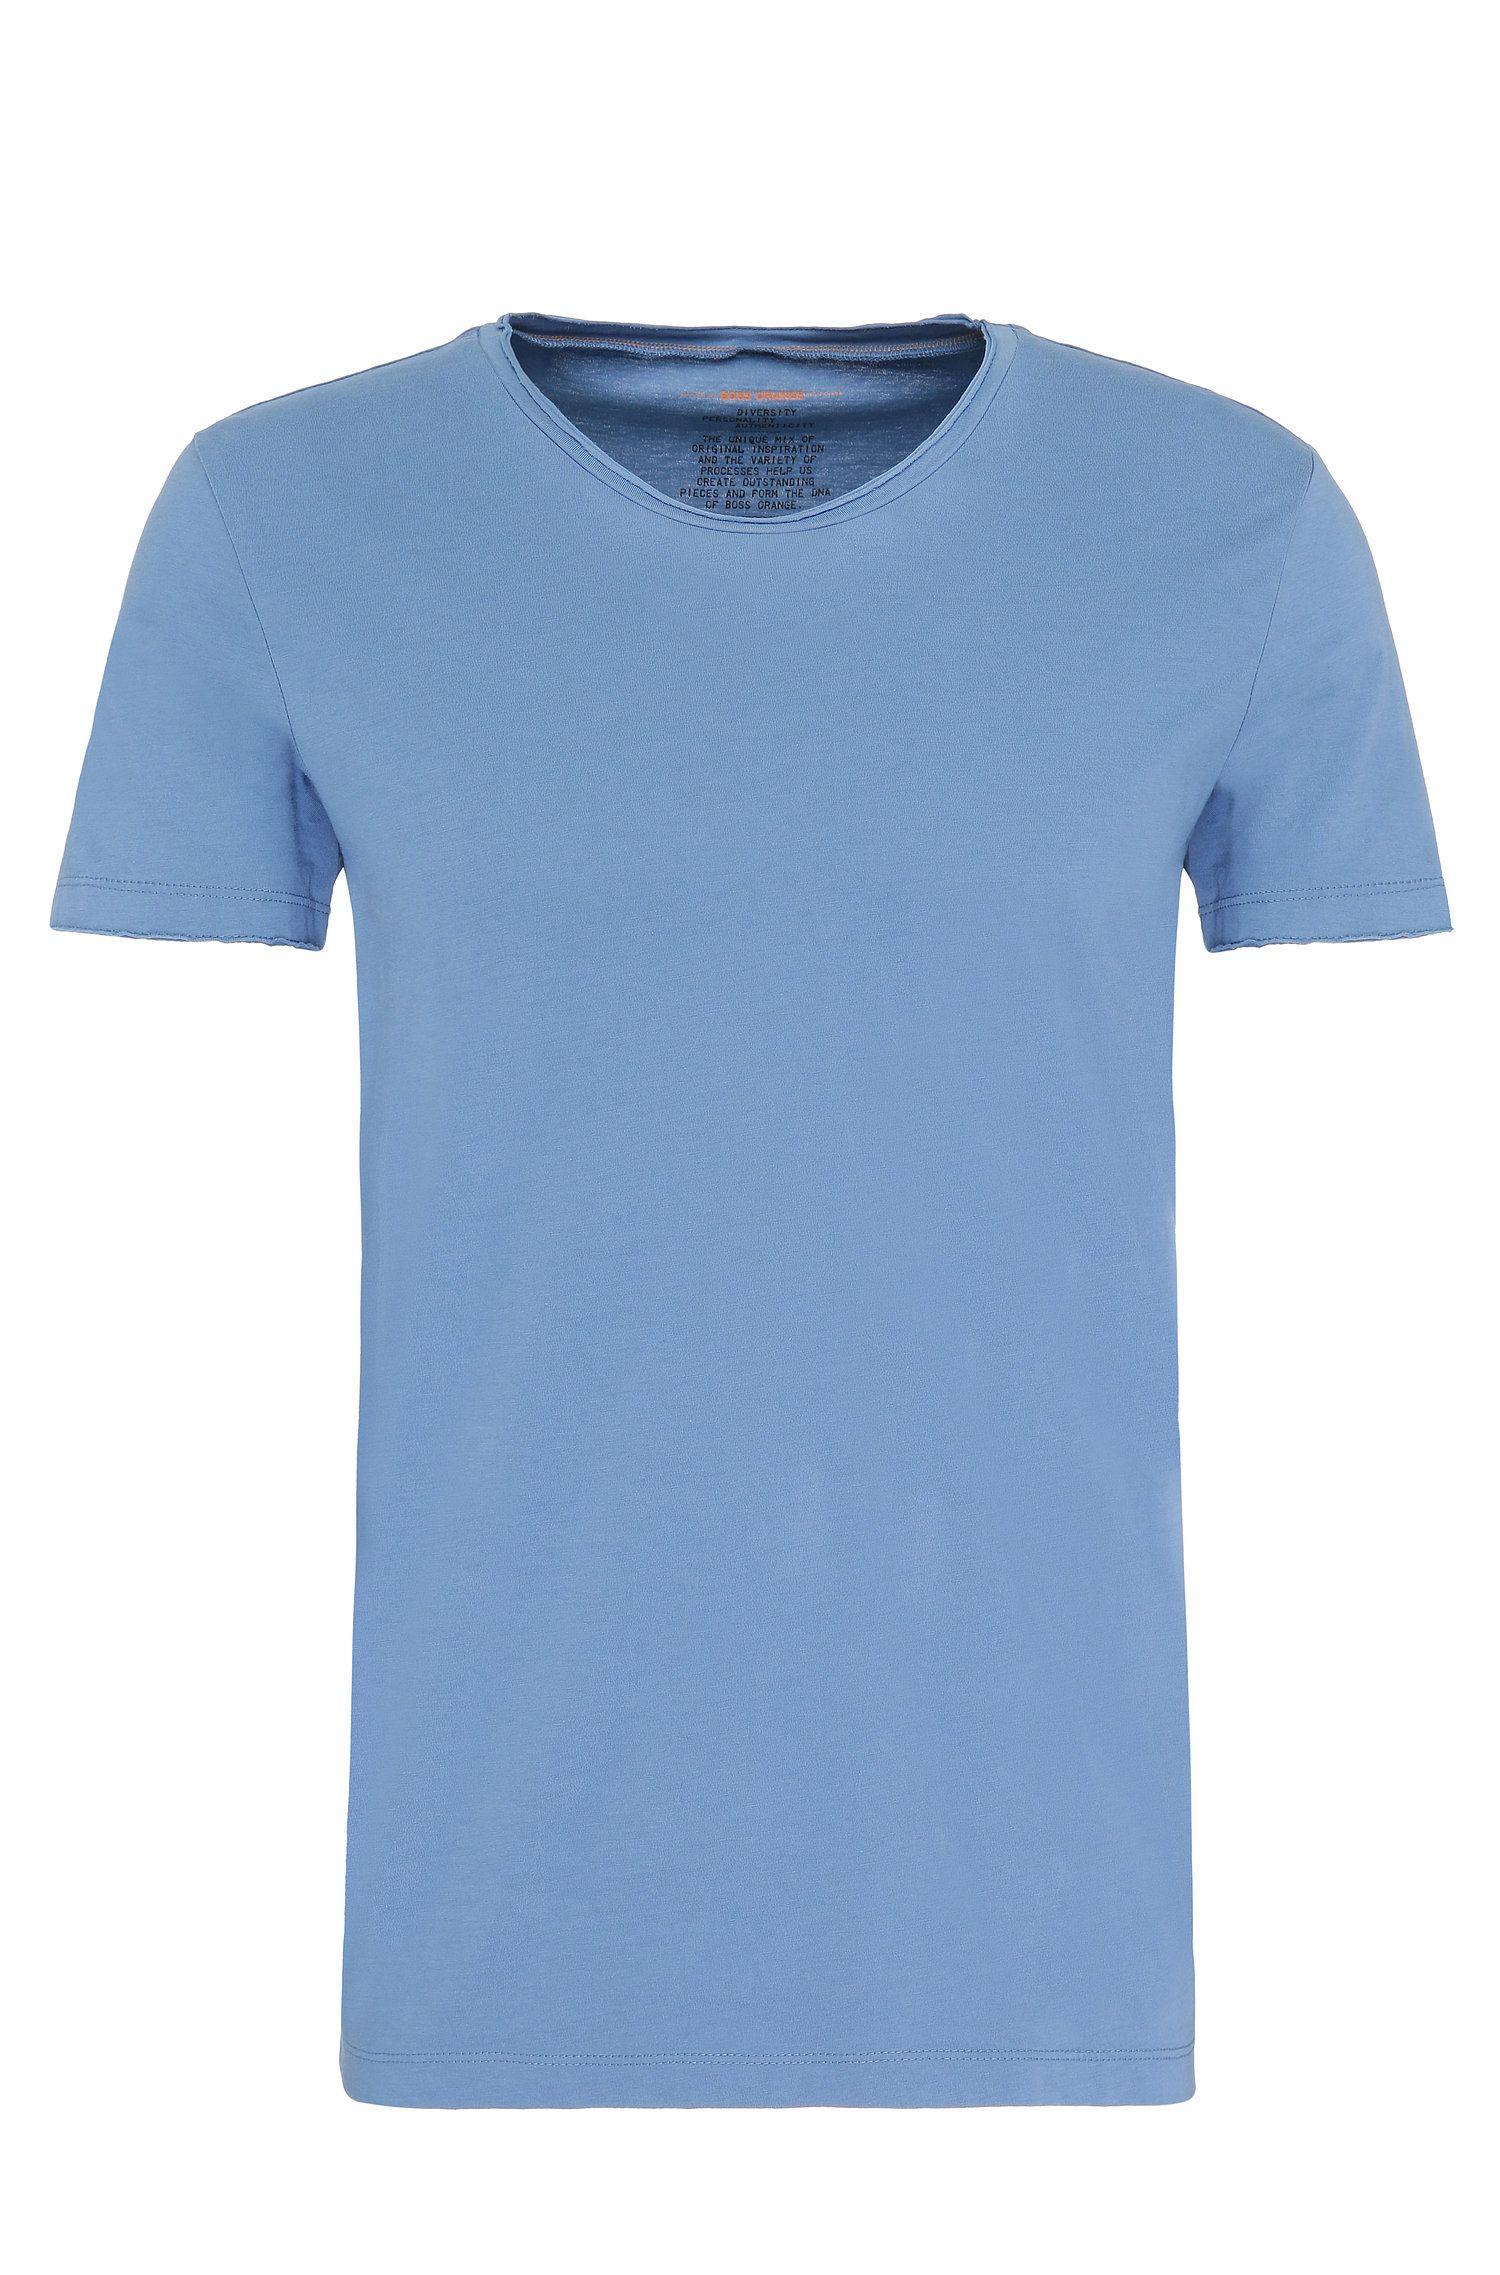 T-shirt BOSS Orange Regular Fit avec détail à bord franc